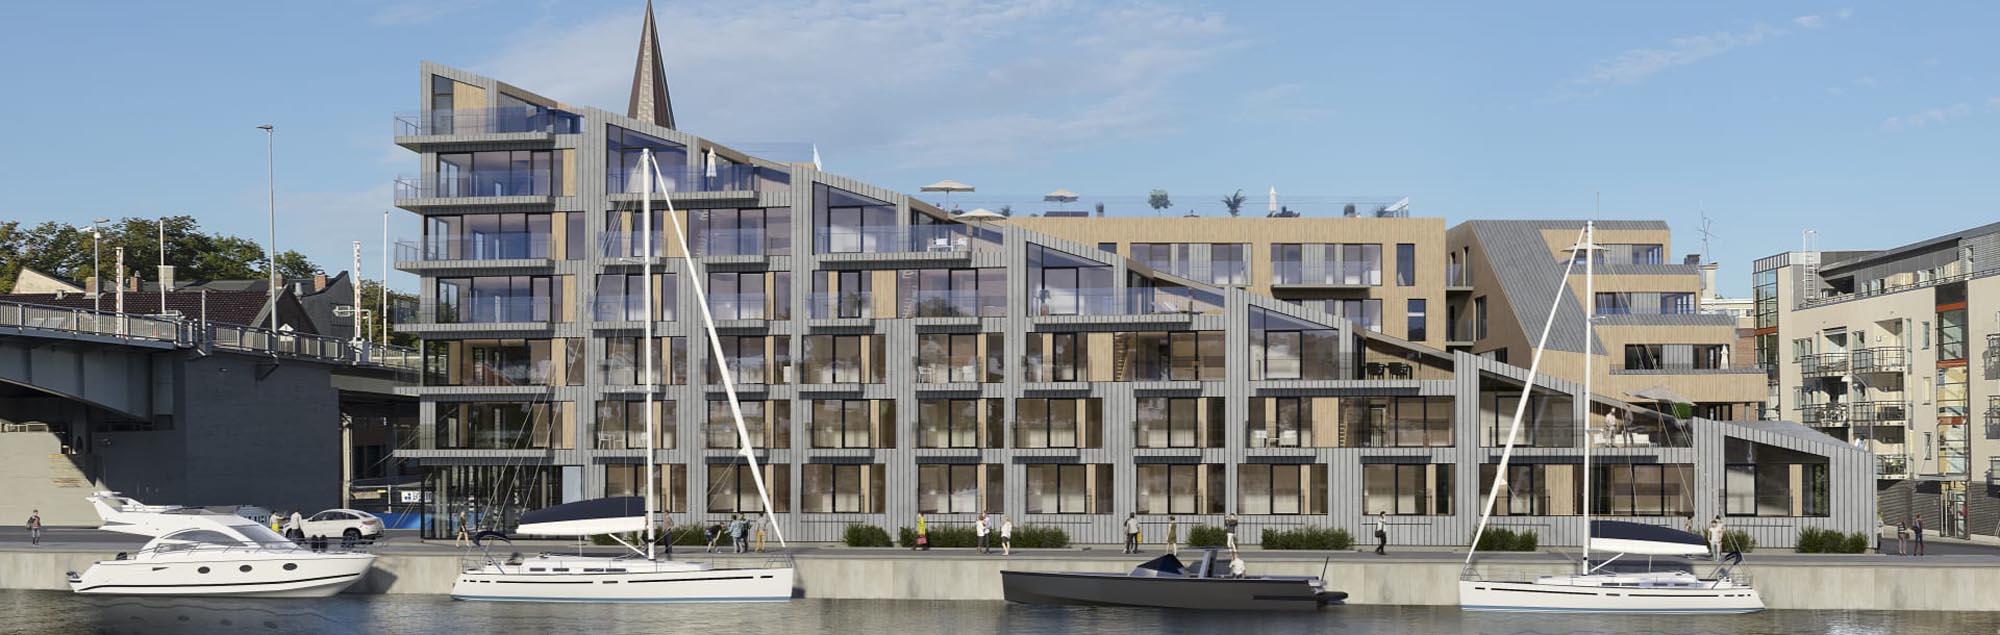 Bra prosjektgjennomføring på Tordenskiold Brygge